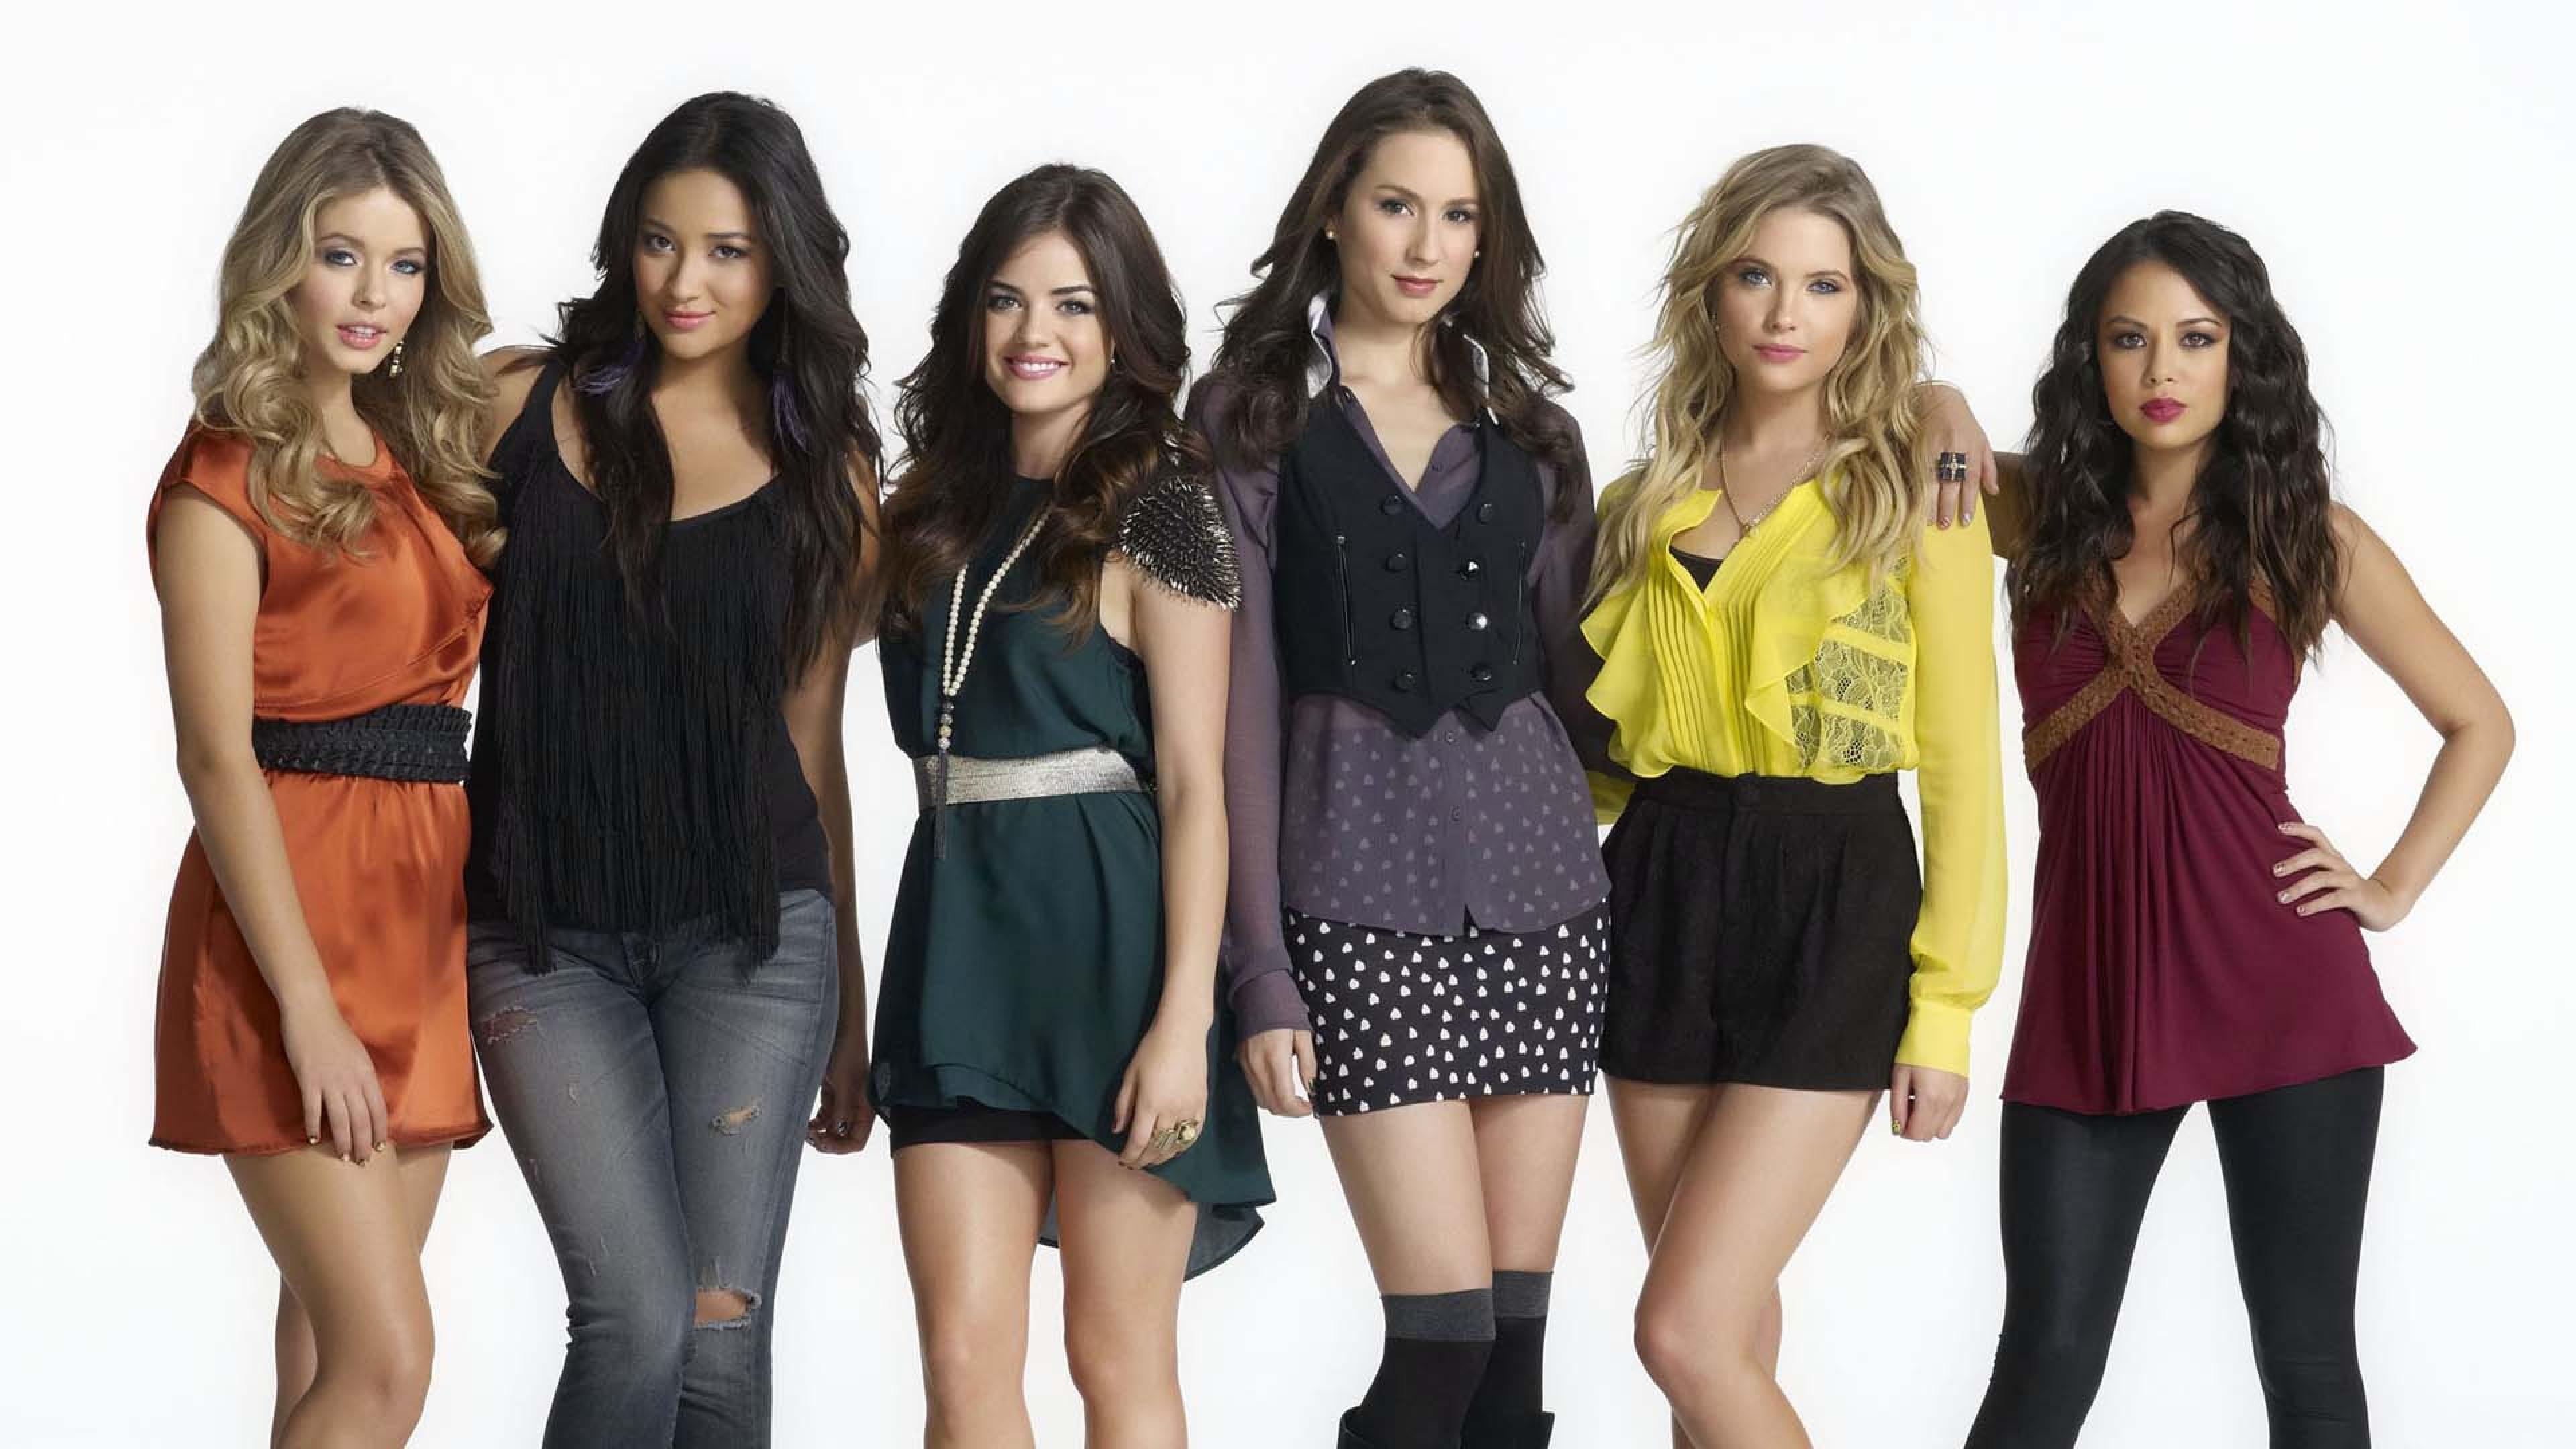 Pretty Little Liars Wallpaper - Pretty Little Liars Cast Girls , HD Wallpaper & Backgrounds